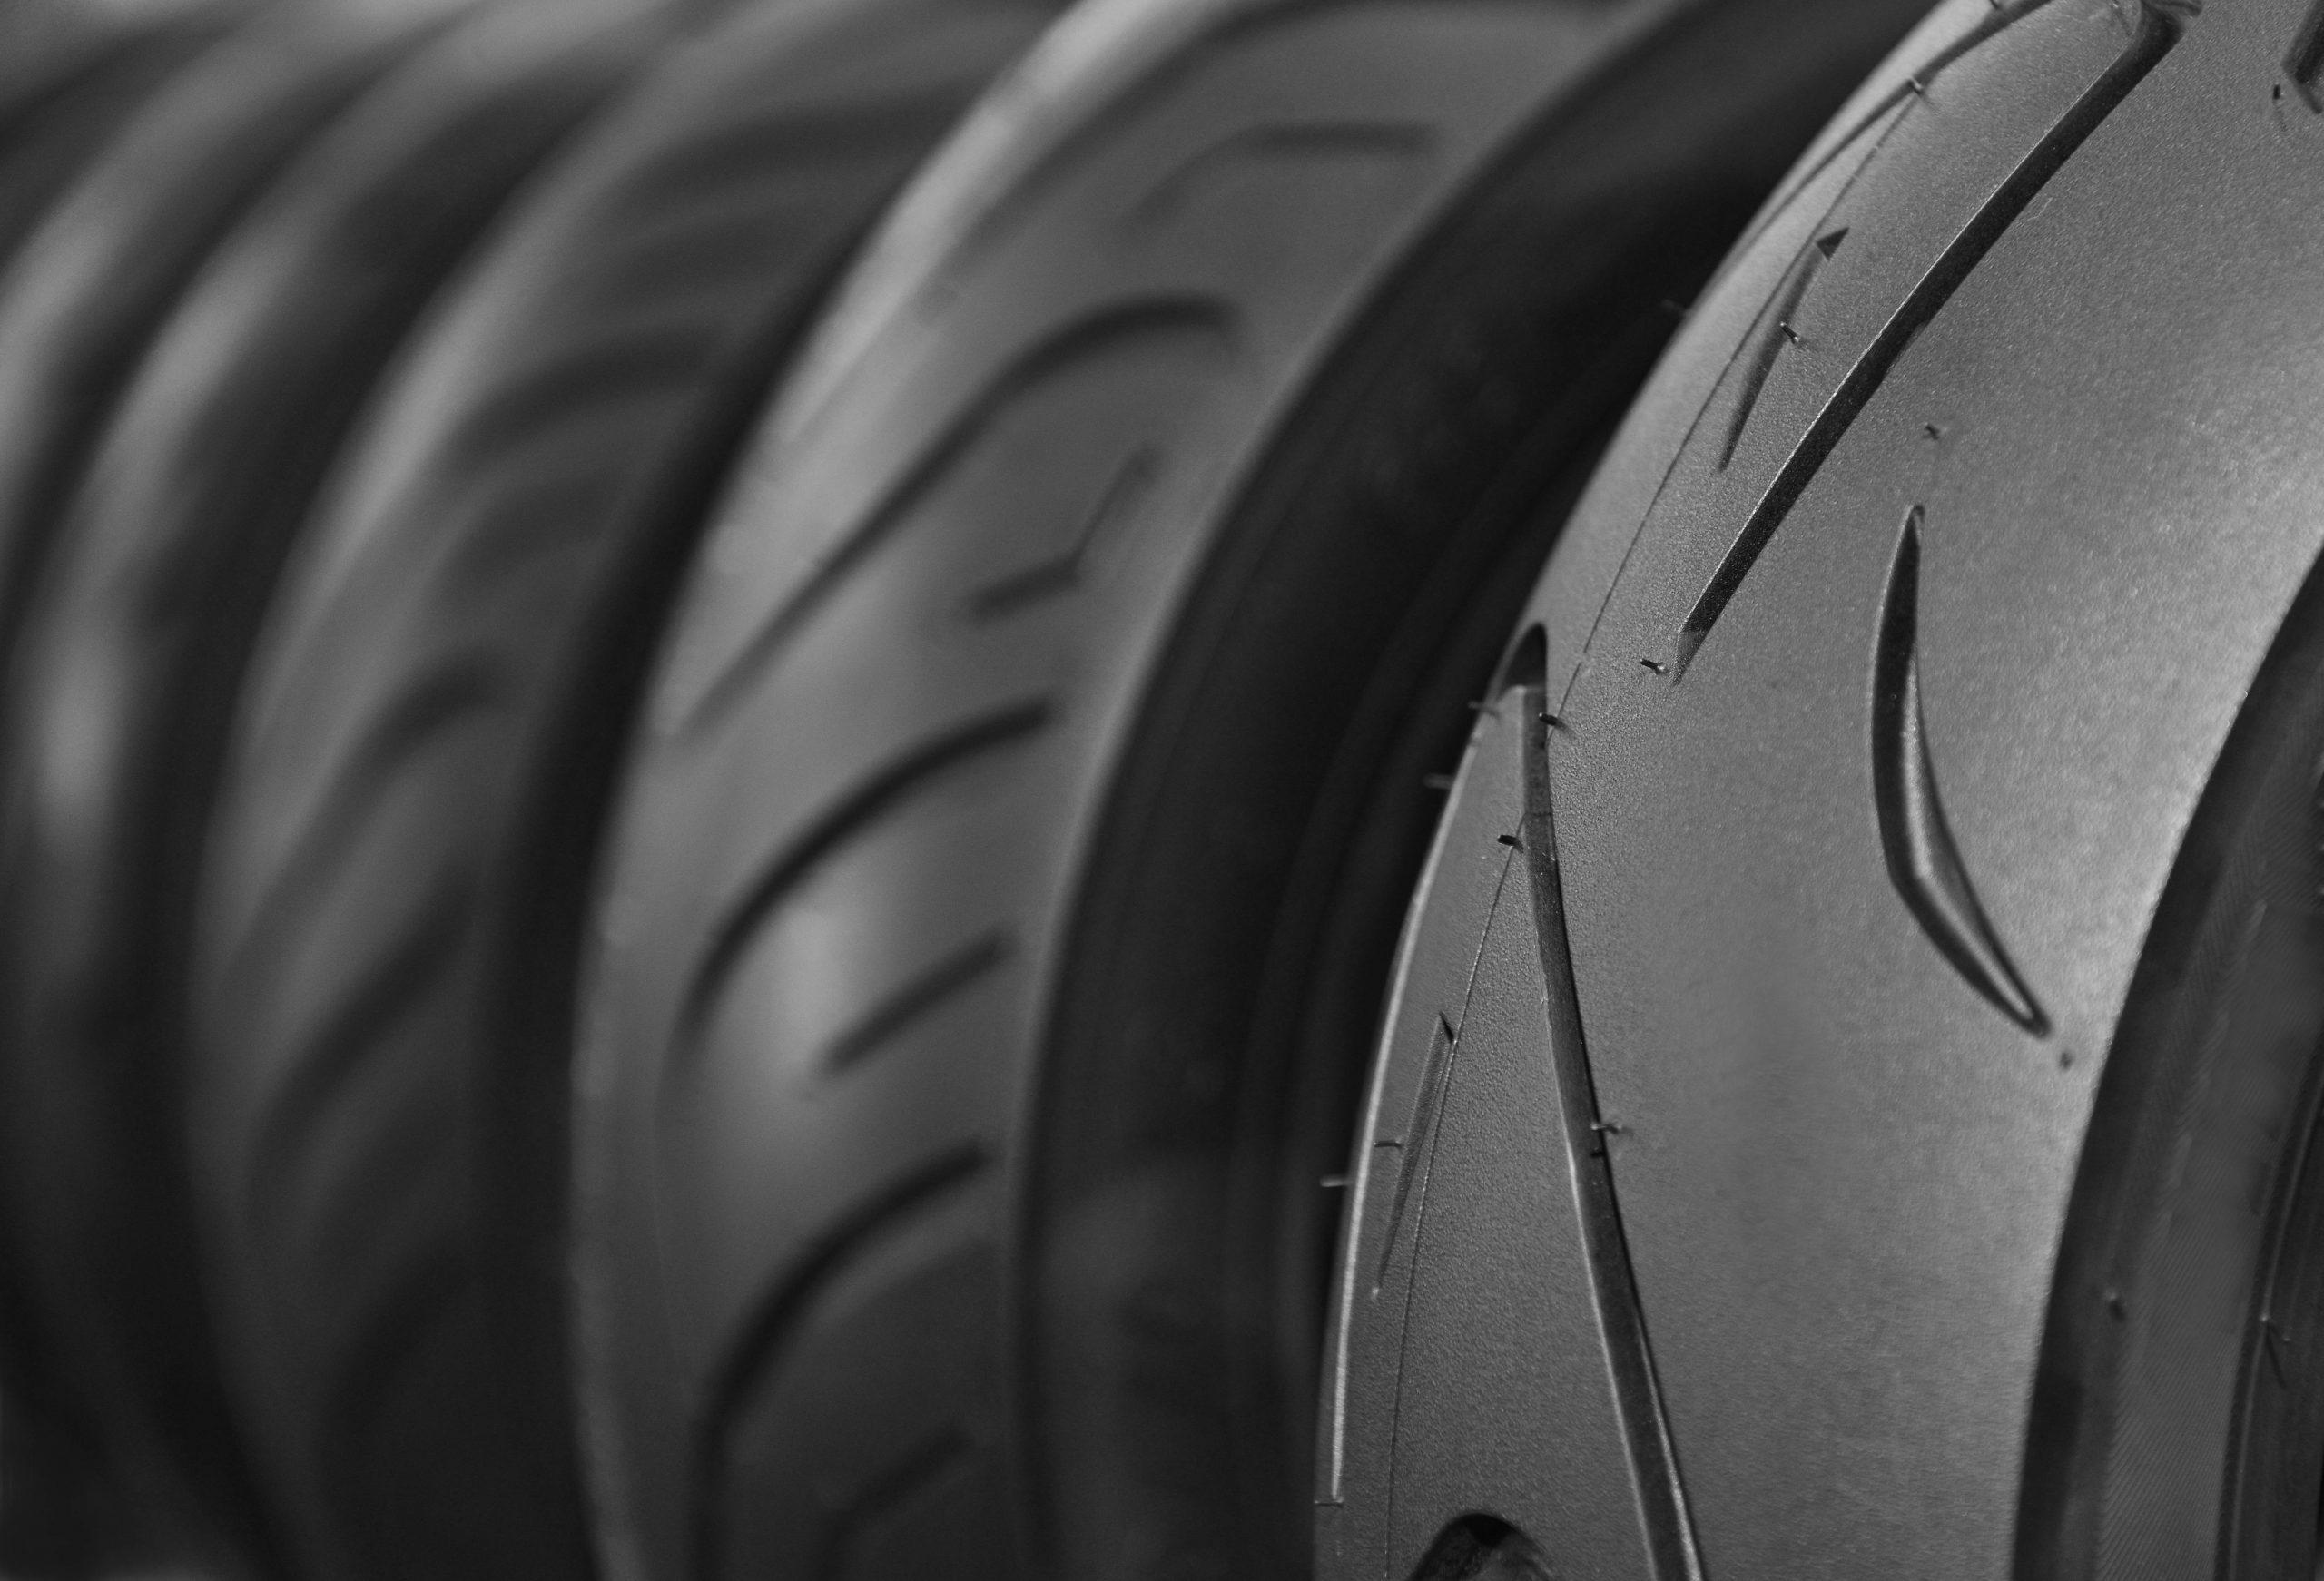 Las ruedas industriales, una solución necesaria